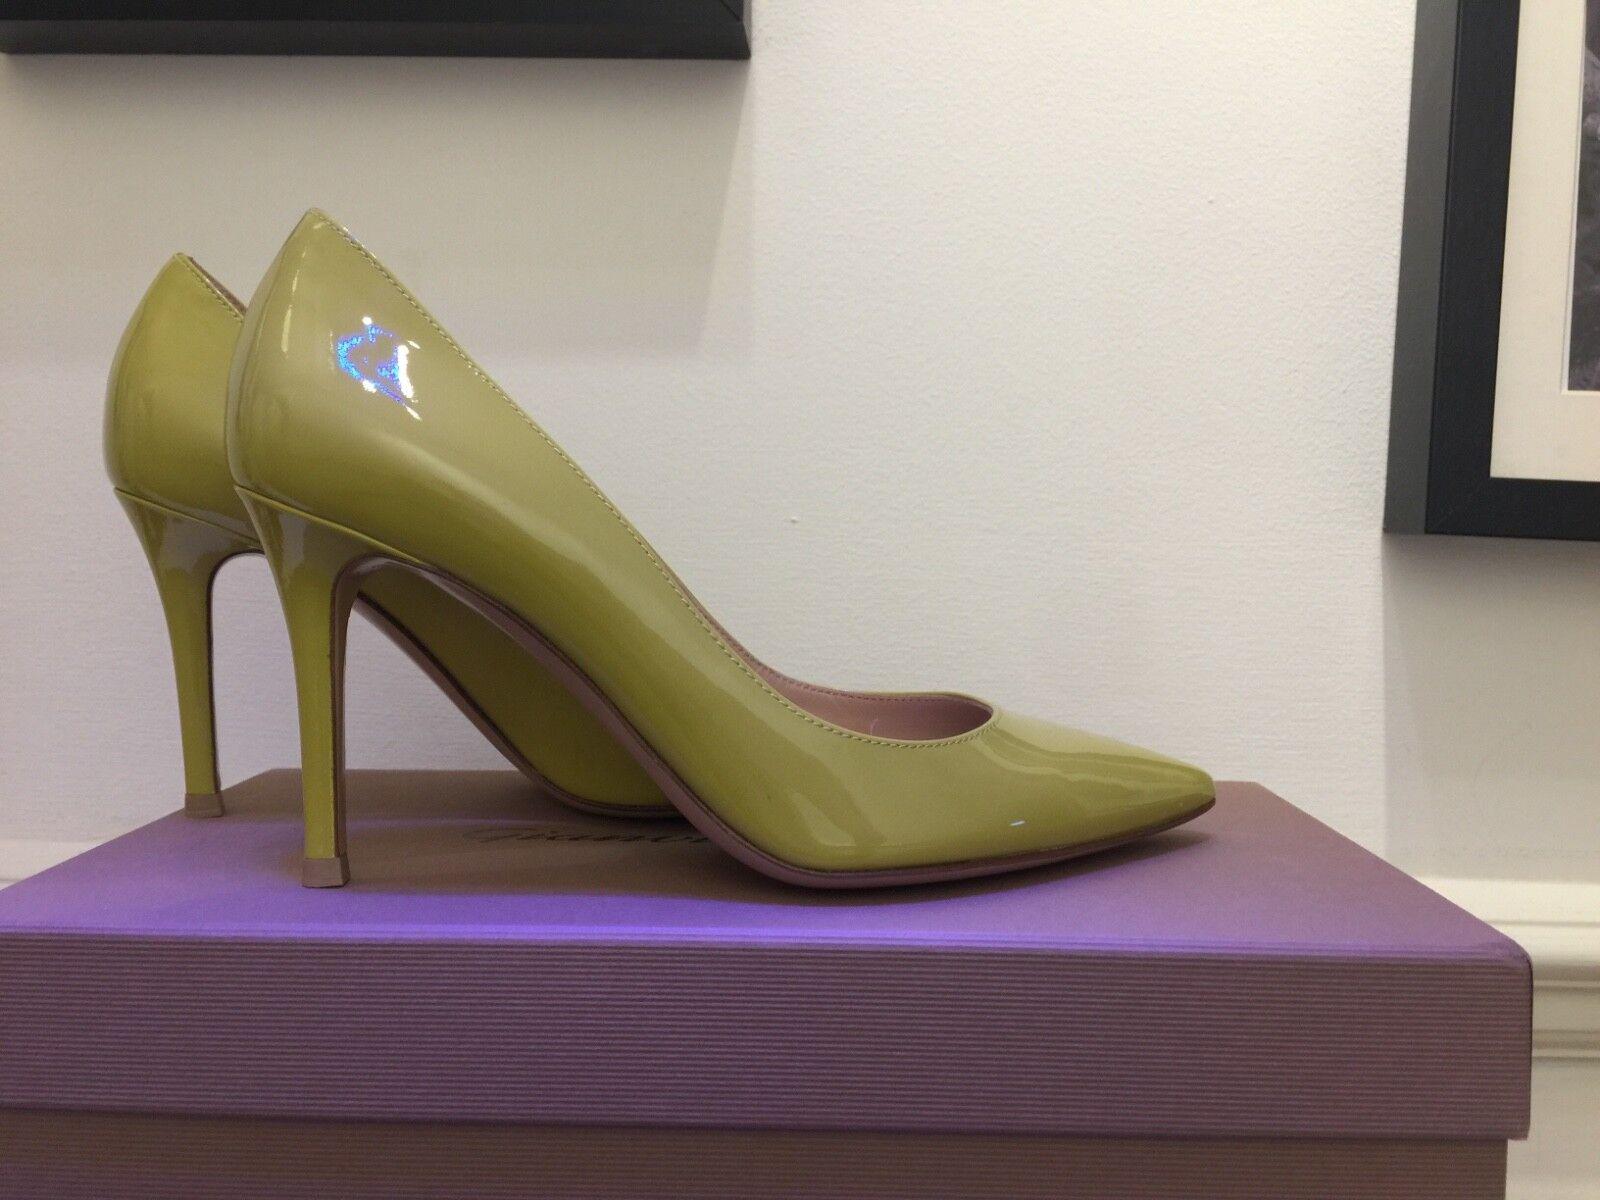 Gianvito Rossi  Lime Patente in pelle, Heels Dimensione EUR 37   Dimensione del Regno Unito 4  Sconto del 60%